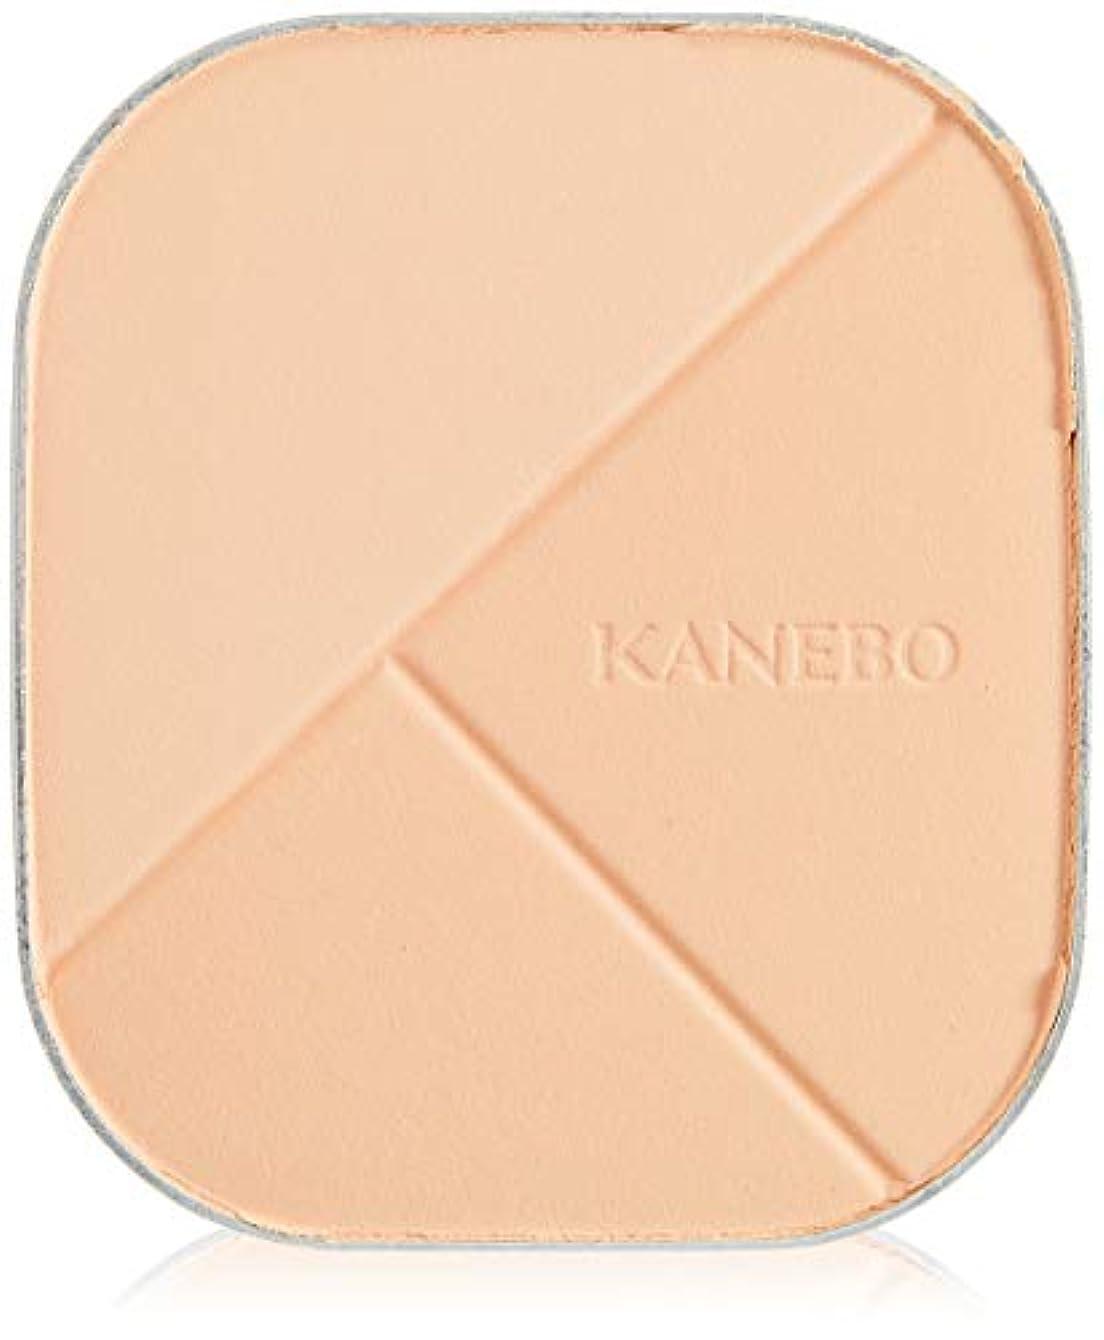 KANEBO(カネボウ) カネボウ デュアルラディアンスファンデーション オークルC SPF15/PA++ ファンデーション(パクト)